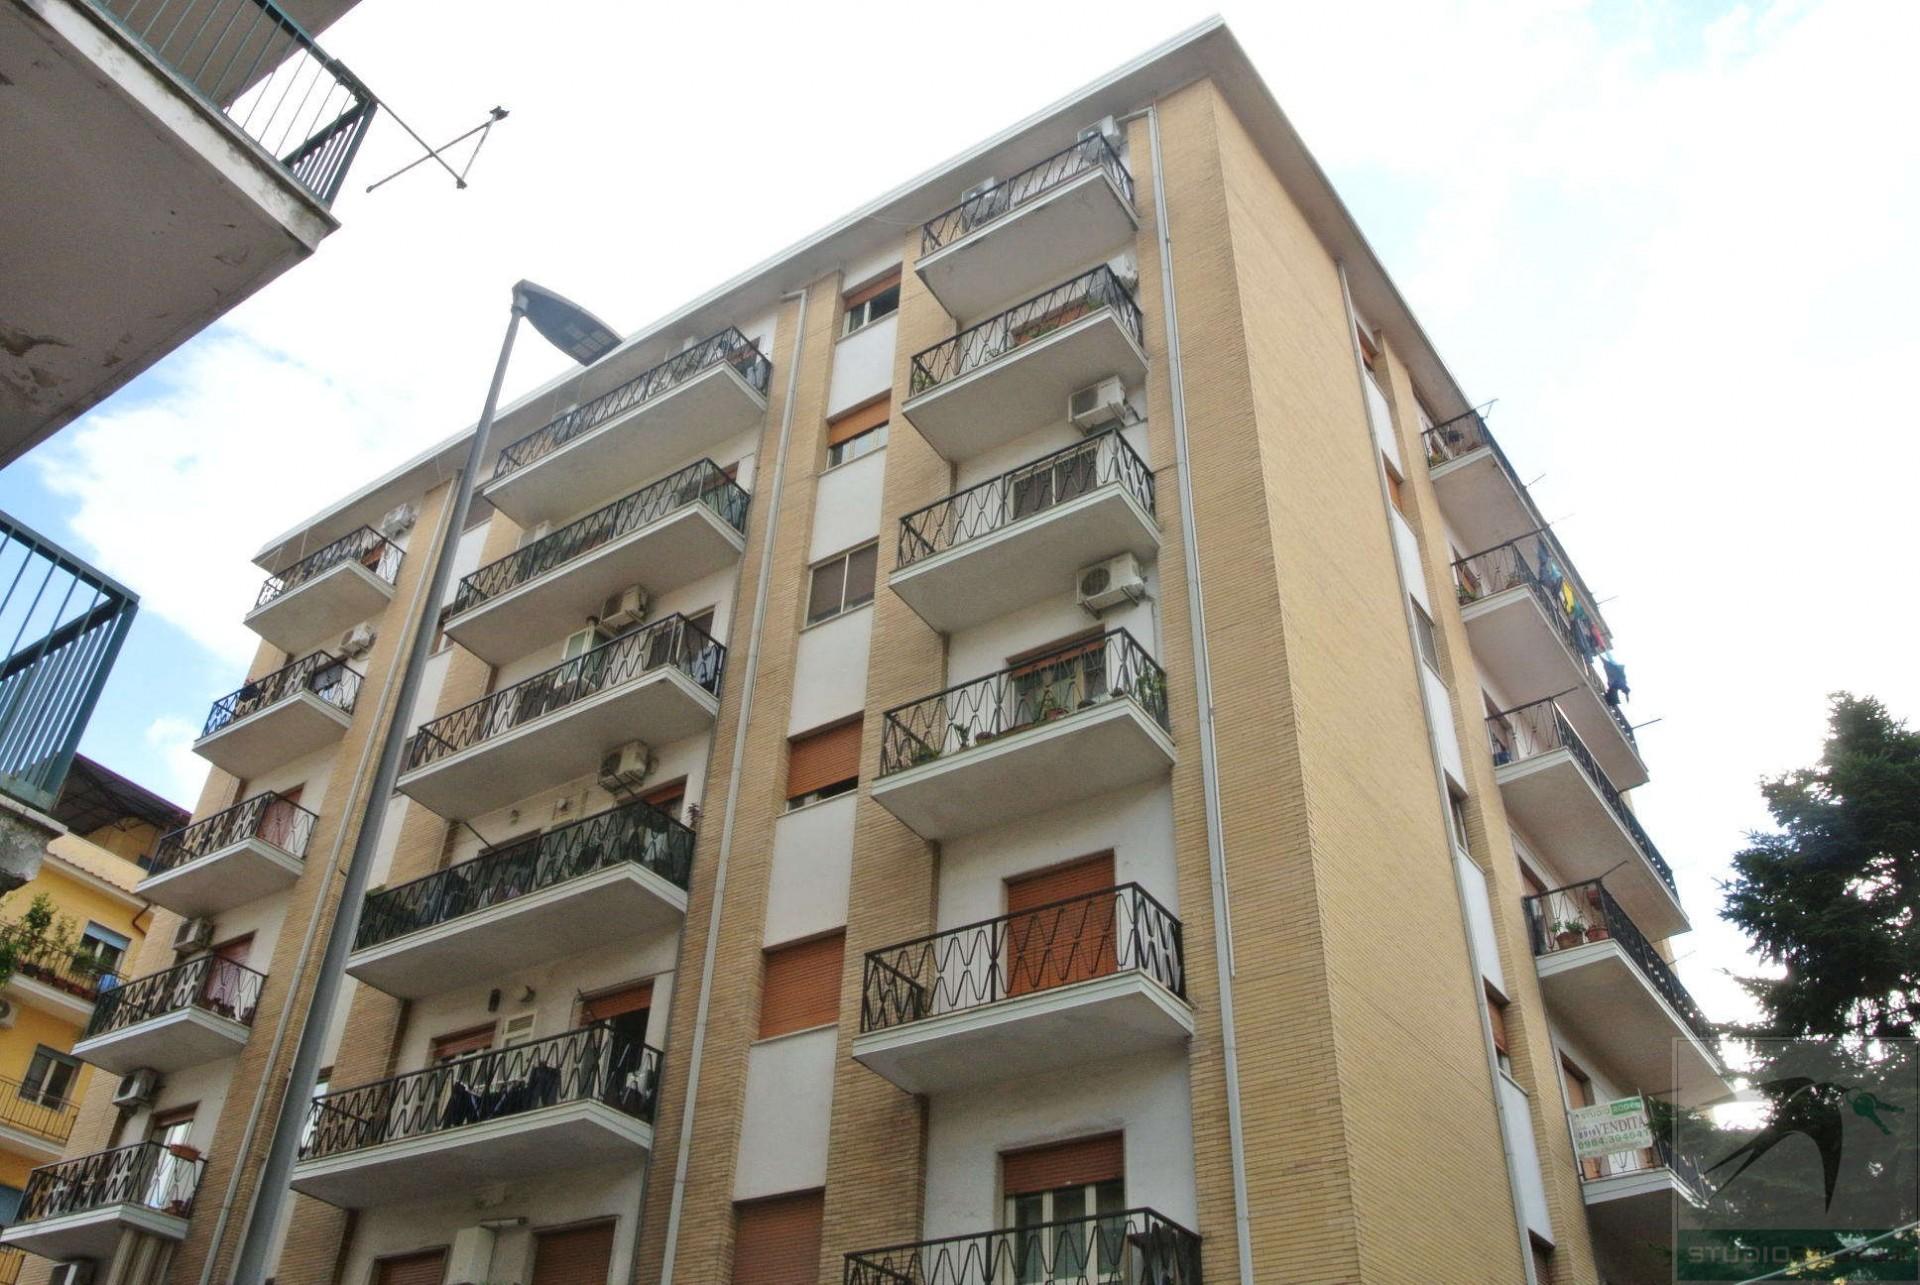 Appartamento in Vendita 120,07 mq - N. camere: 3 - - Cosenza - Cosenza (CS)